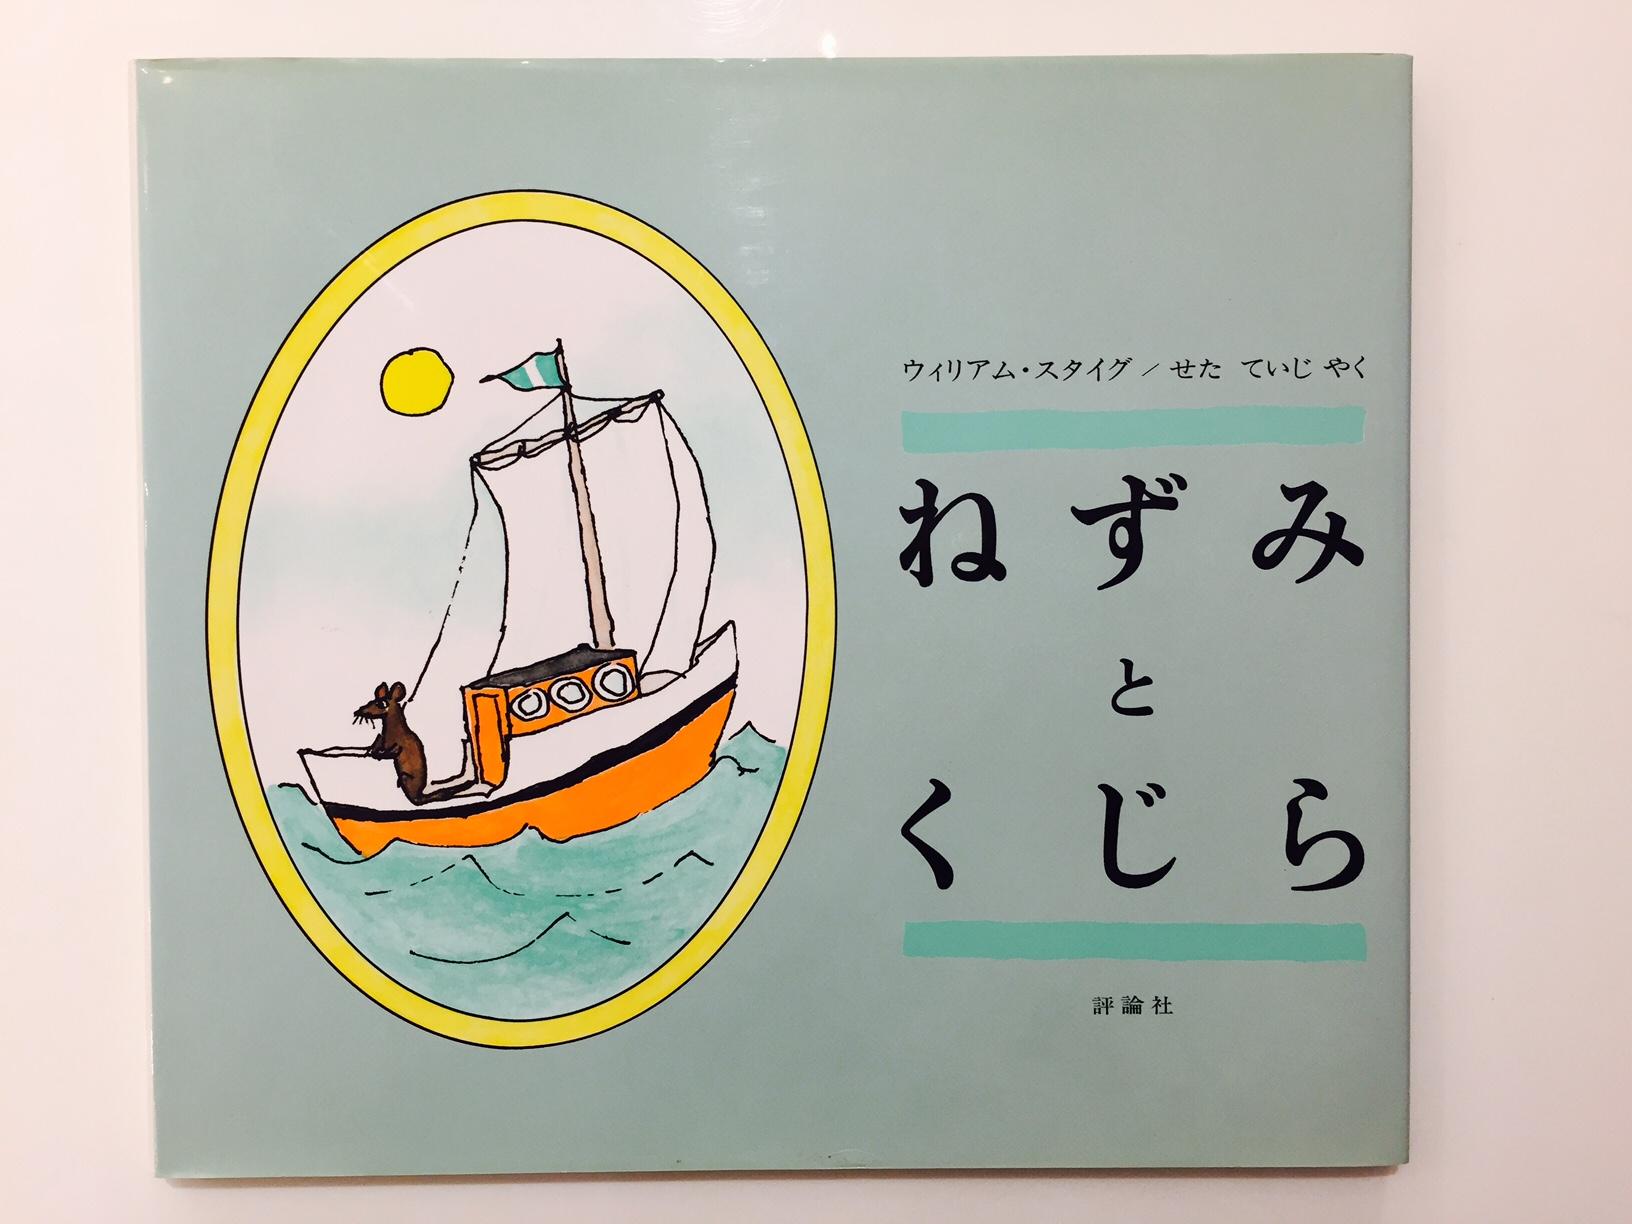 ねずみとくじら / ウィリアム・スタイグ(1976)